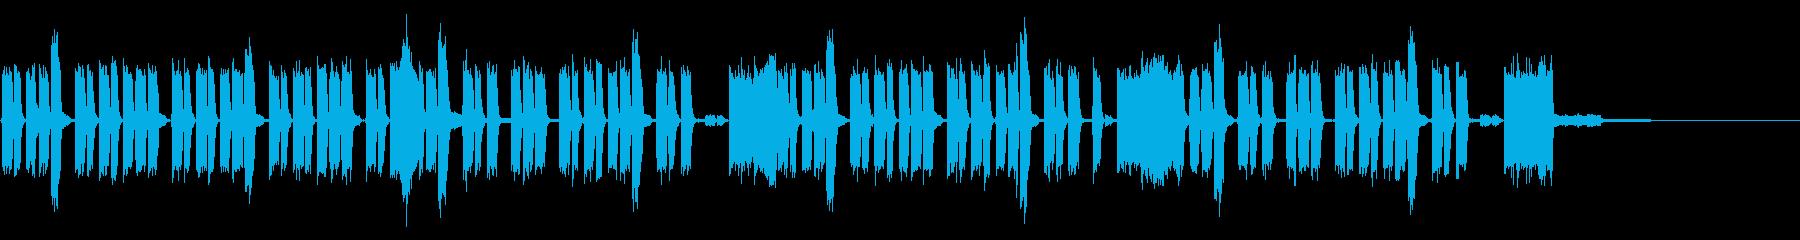 ゲーム向け音源の再生済みの波形